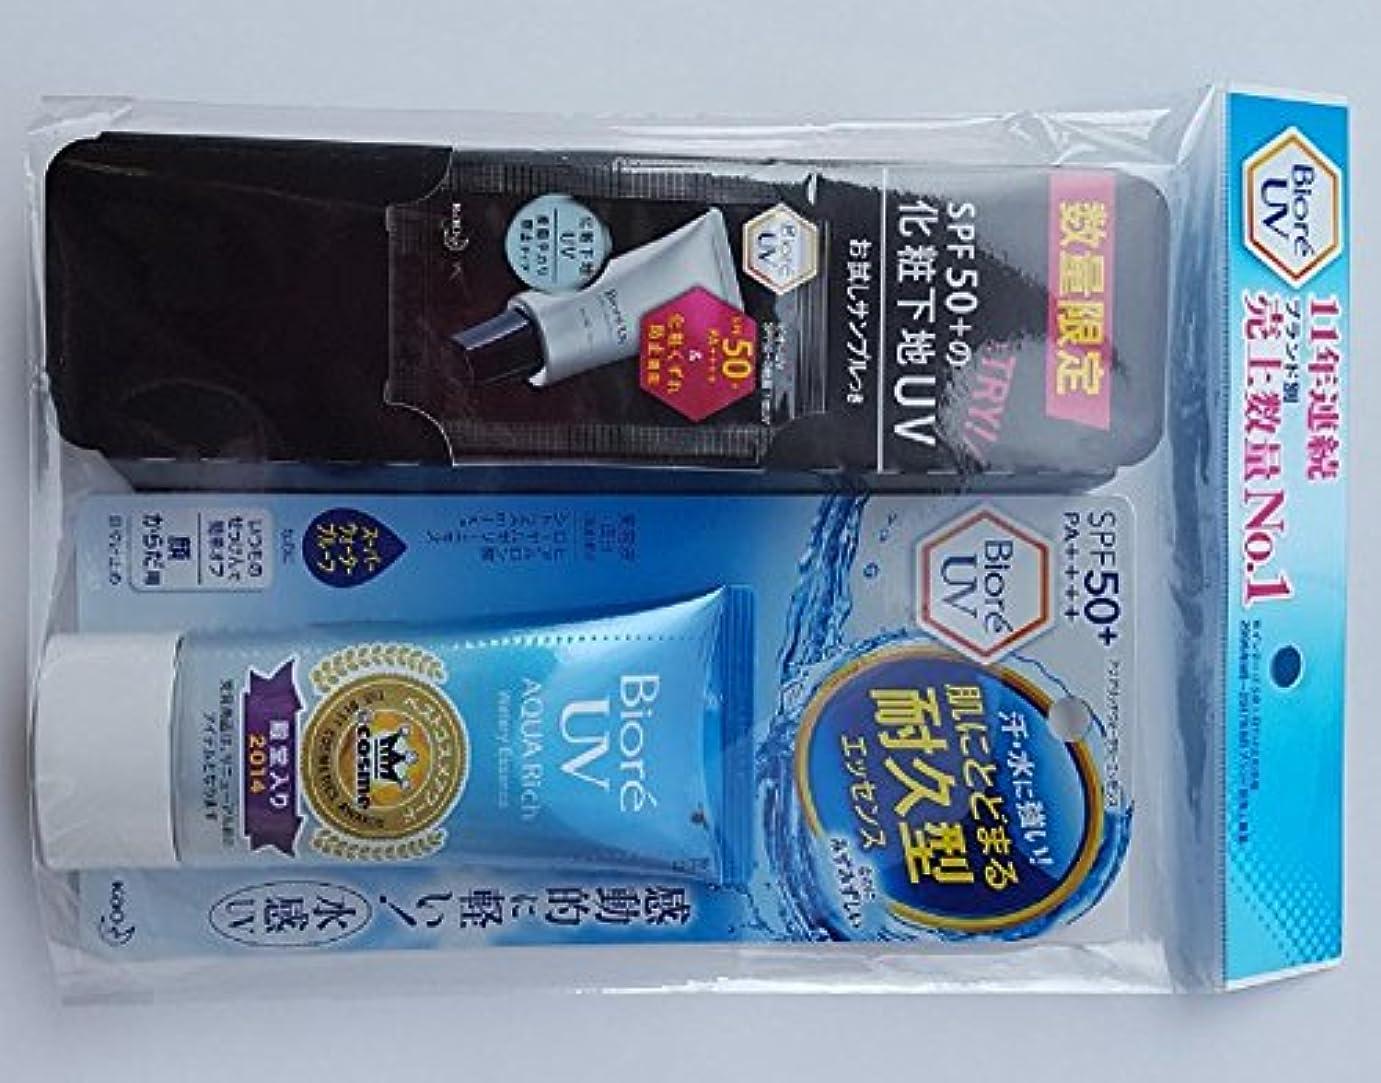 弾性病無実ビオレ UV アクアリッチ ウォータリーエッセンス SPF50+/PA++++ 50g +ビオレ UV 化粧下地UV 皮脂テカリ防止(試供品)1回分付き